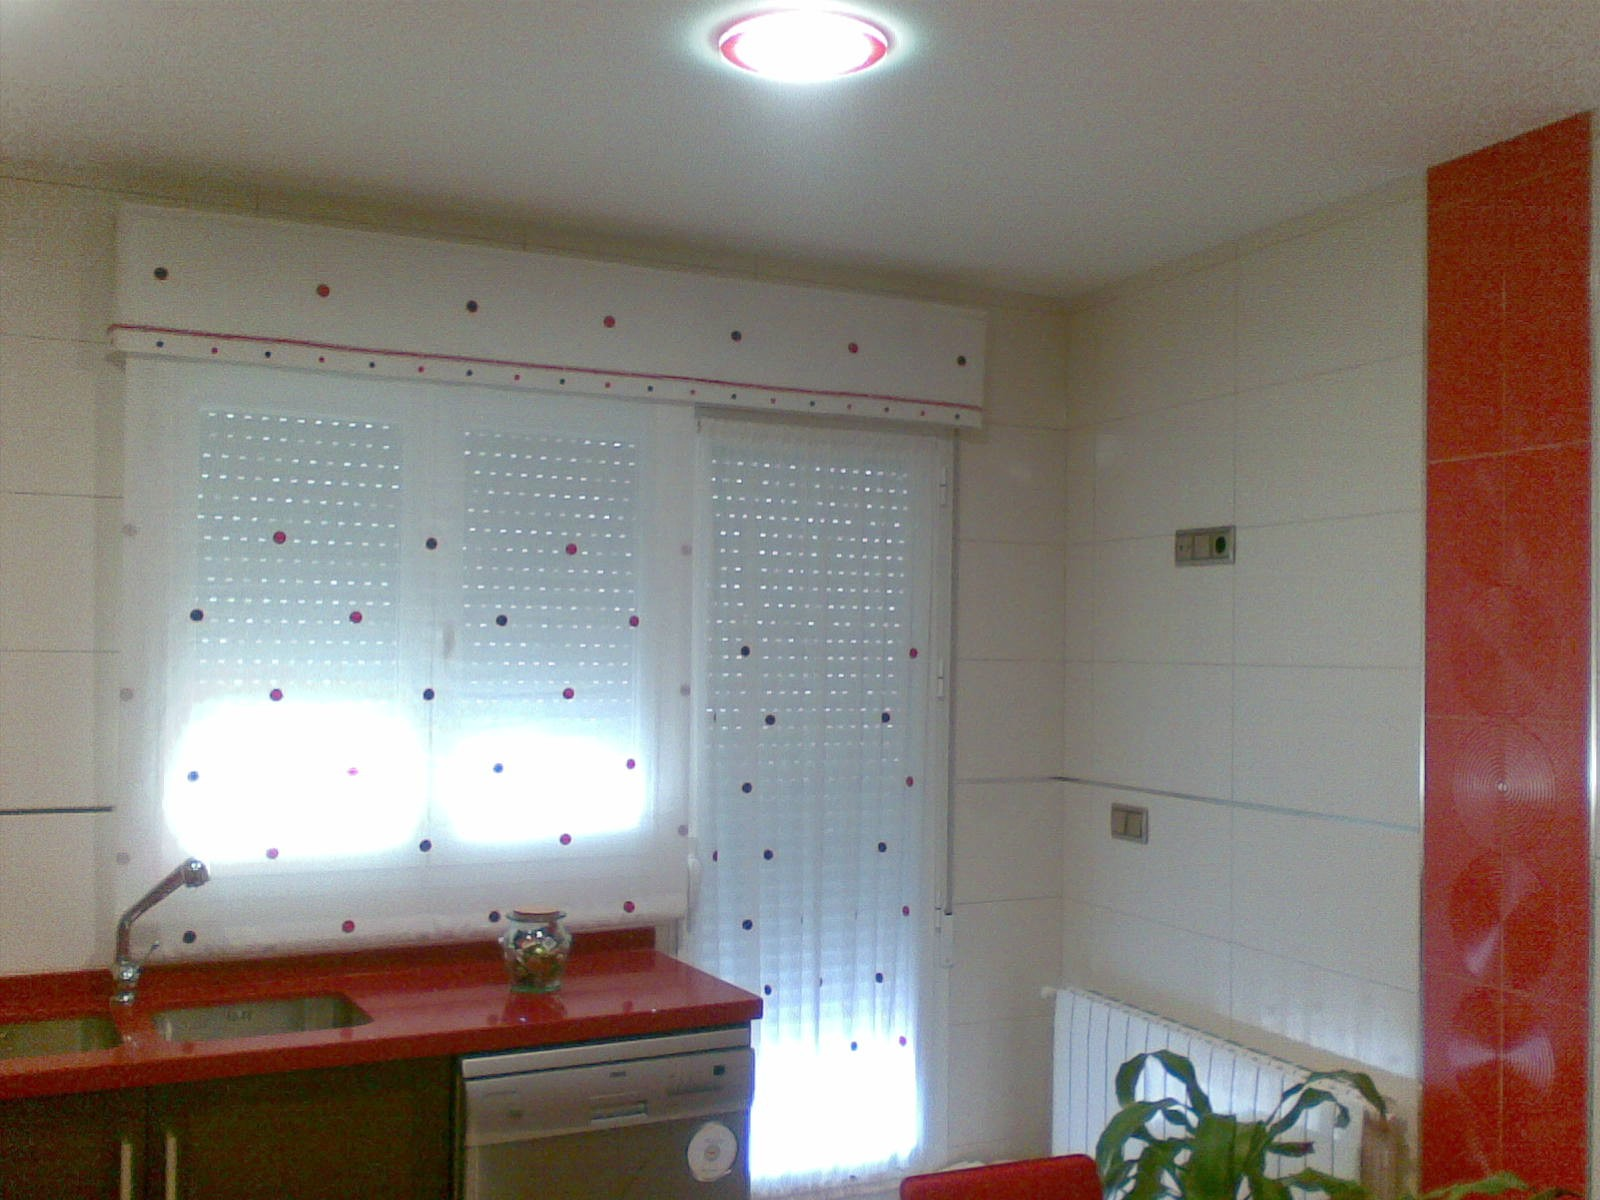 Cortinas muebles alvarez estores para una cocina con for Modelos de cortinas para puerta de cocina